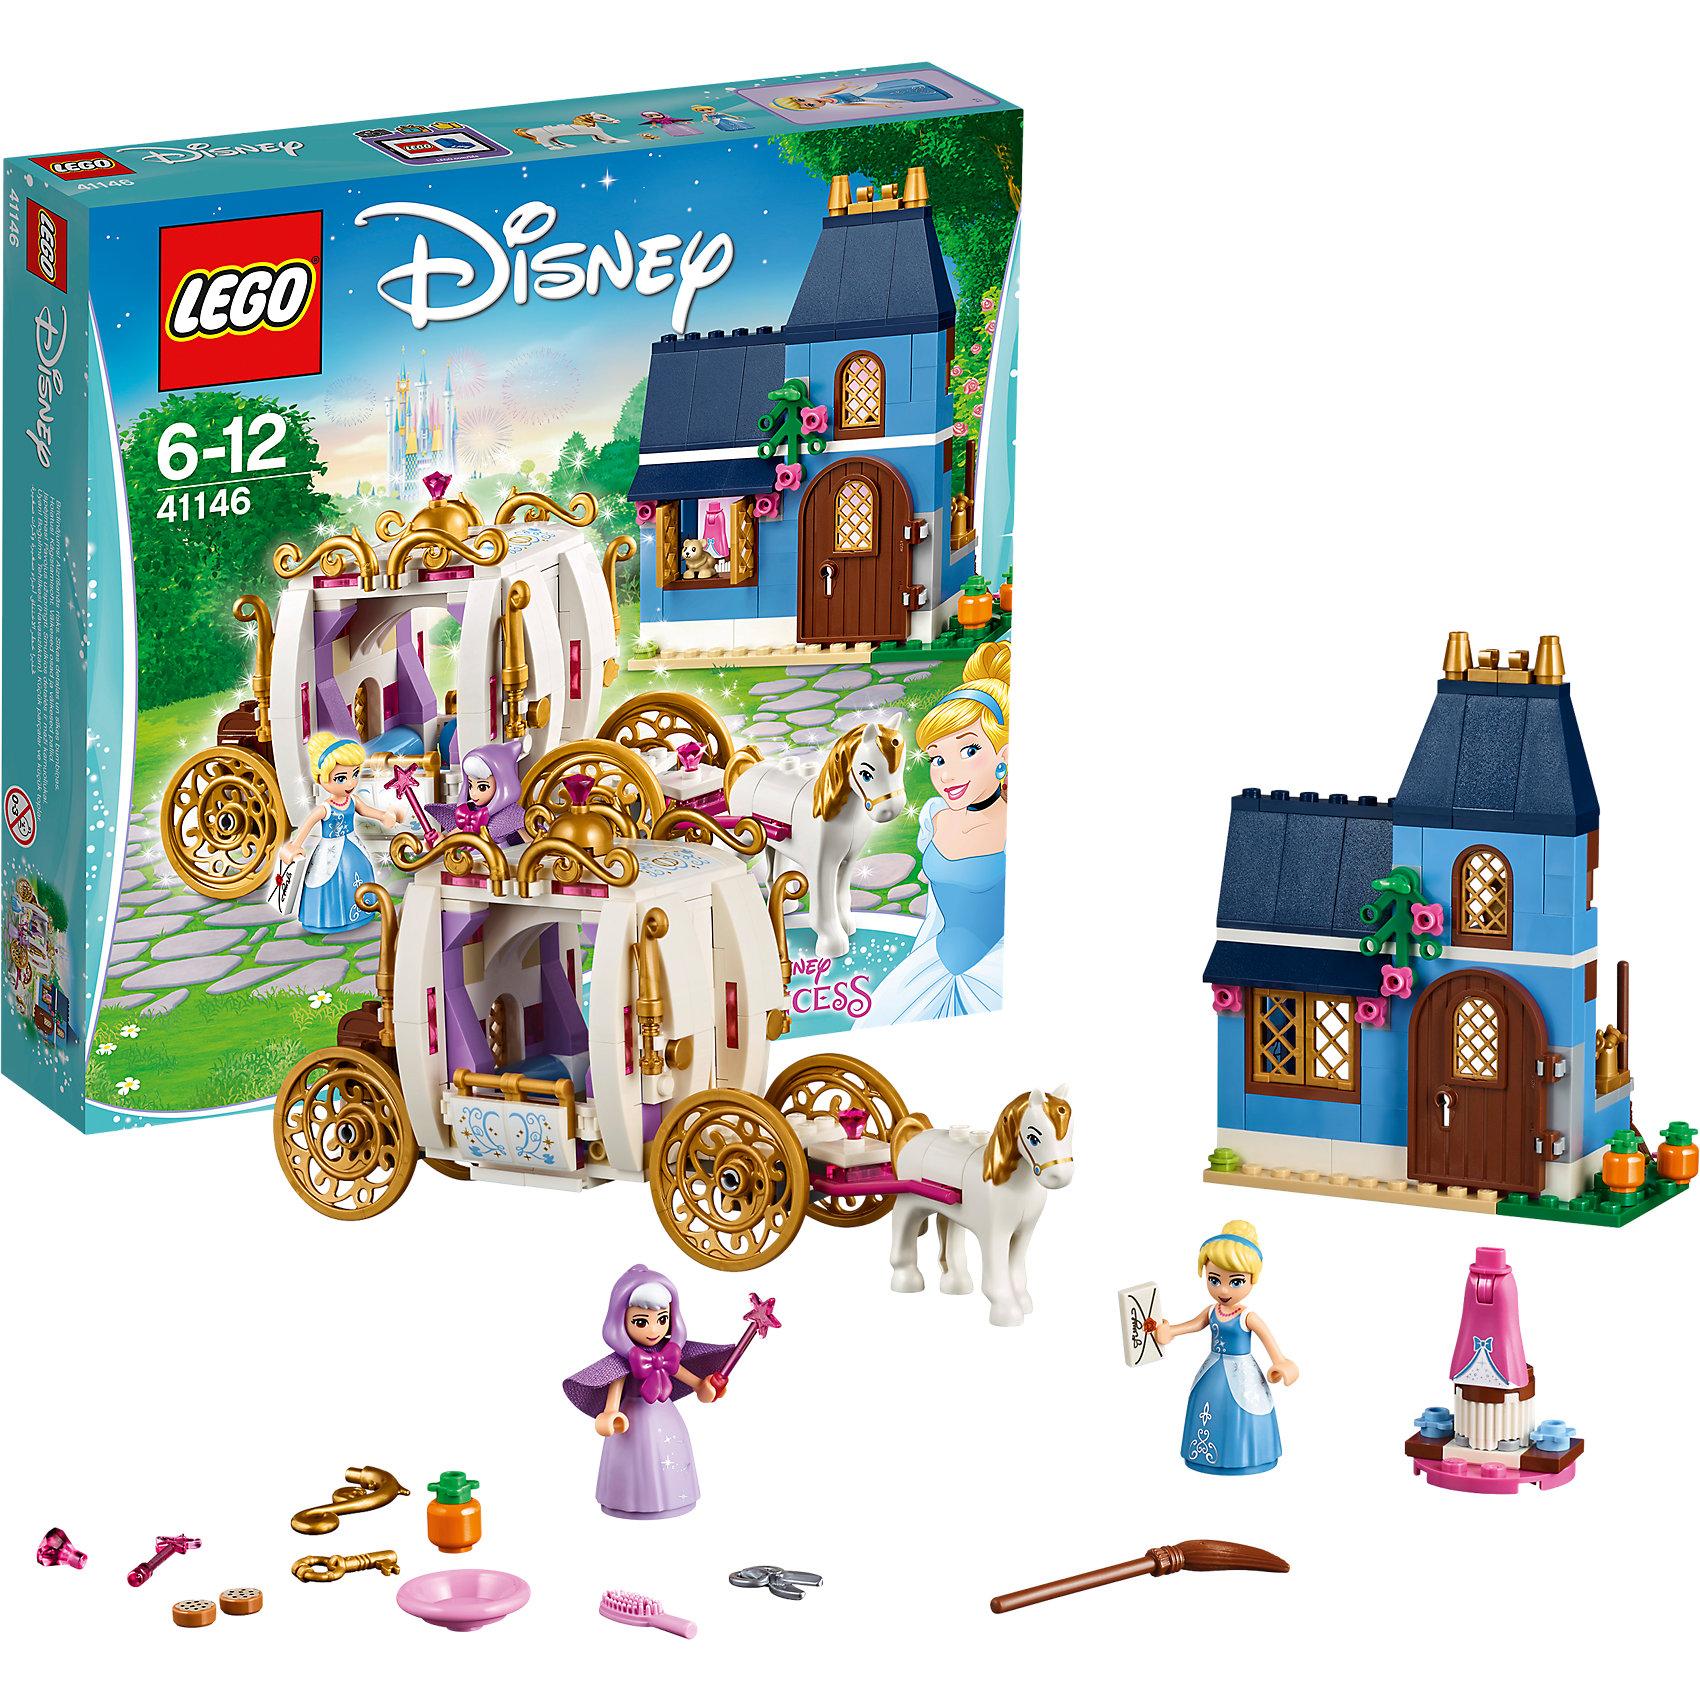 LEGO Disney Princesses 41146: Сказочный вечер ЗолушкиПластмассовые конструкторы<br><br><br>Ширина мм: 281<br>Глубина мм: 261<br>Высота мм: 66<br>Вес г: 516<br>Возраст от месяцев: 72<br>Возраст до месяцев: 144<br>Пол: Женский<br>Возраст: Детский<br>SKU: 5620033